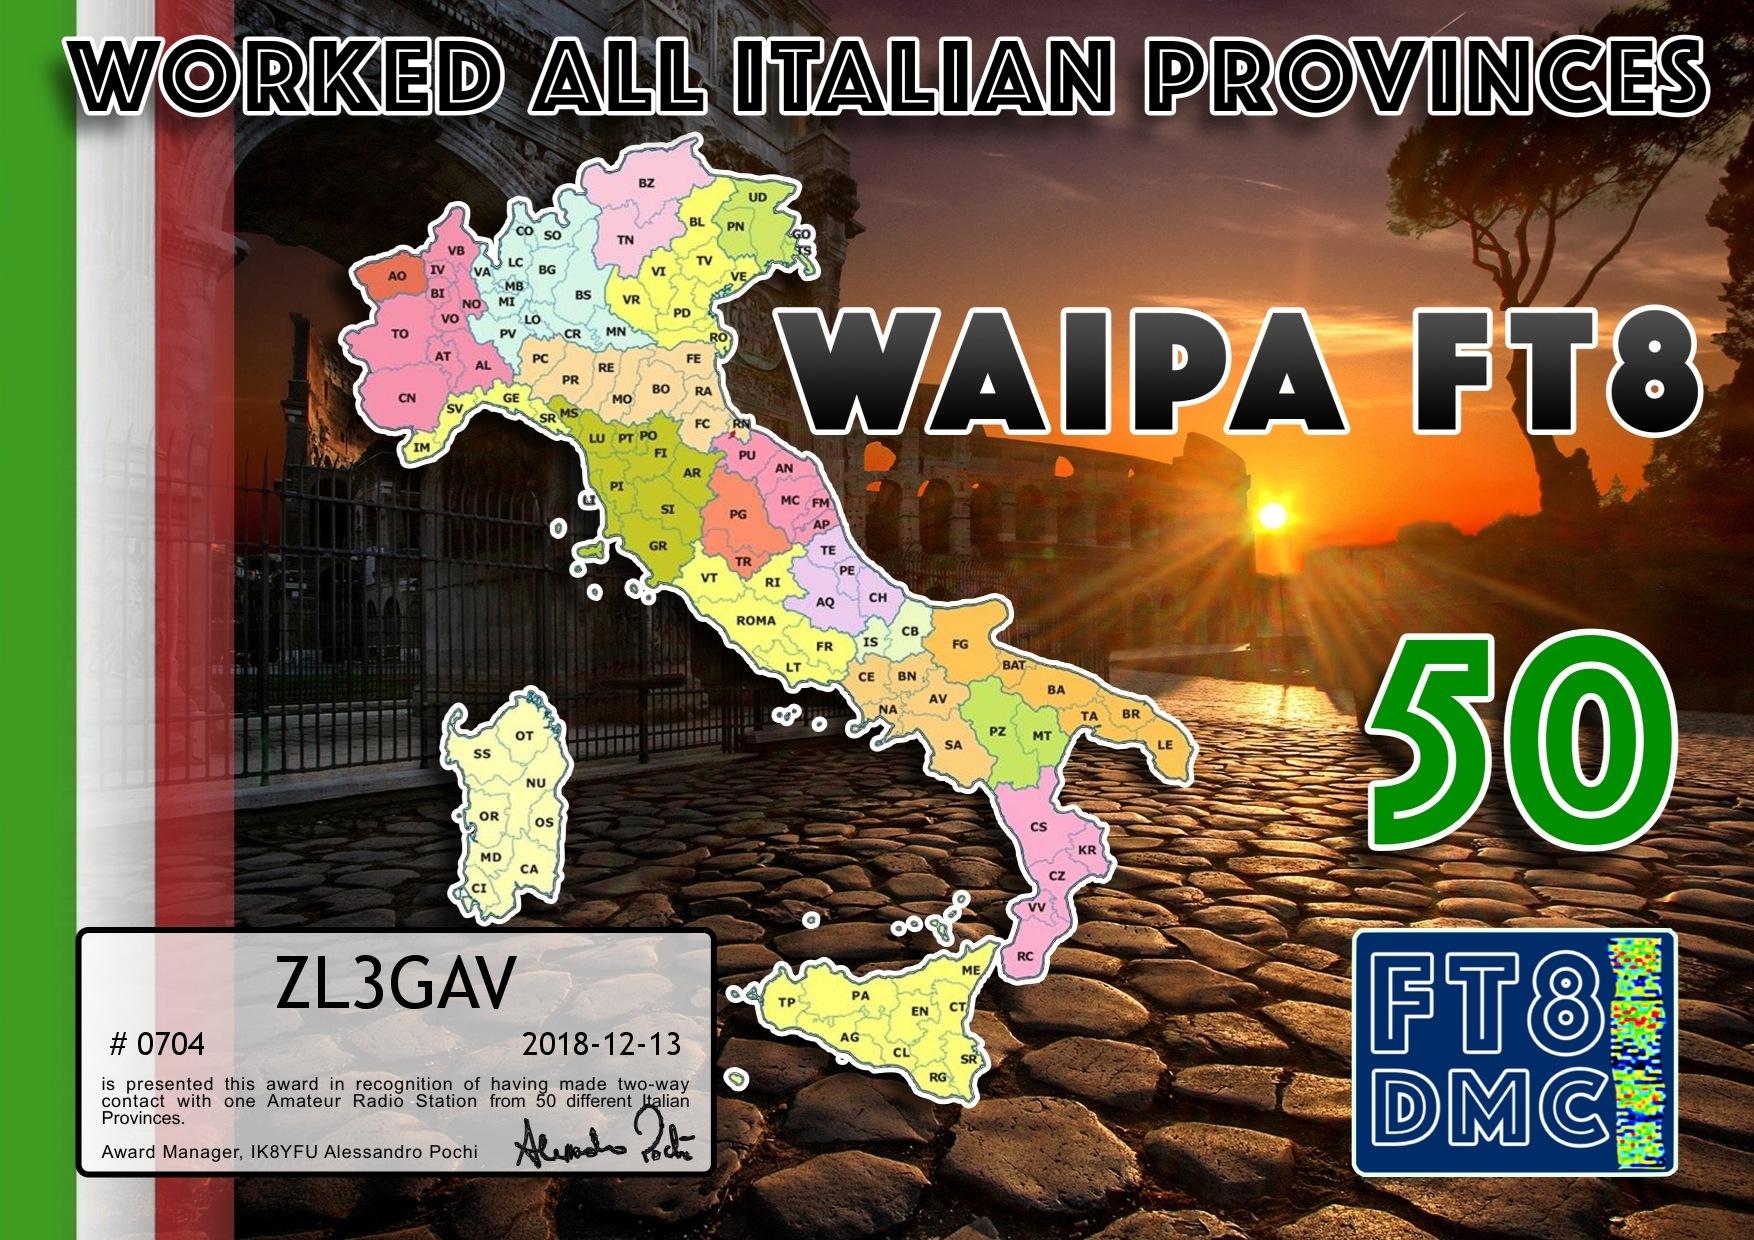 ZL3GAV-WAIPA-50.jpg